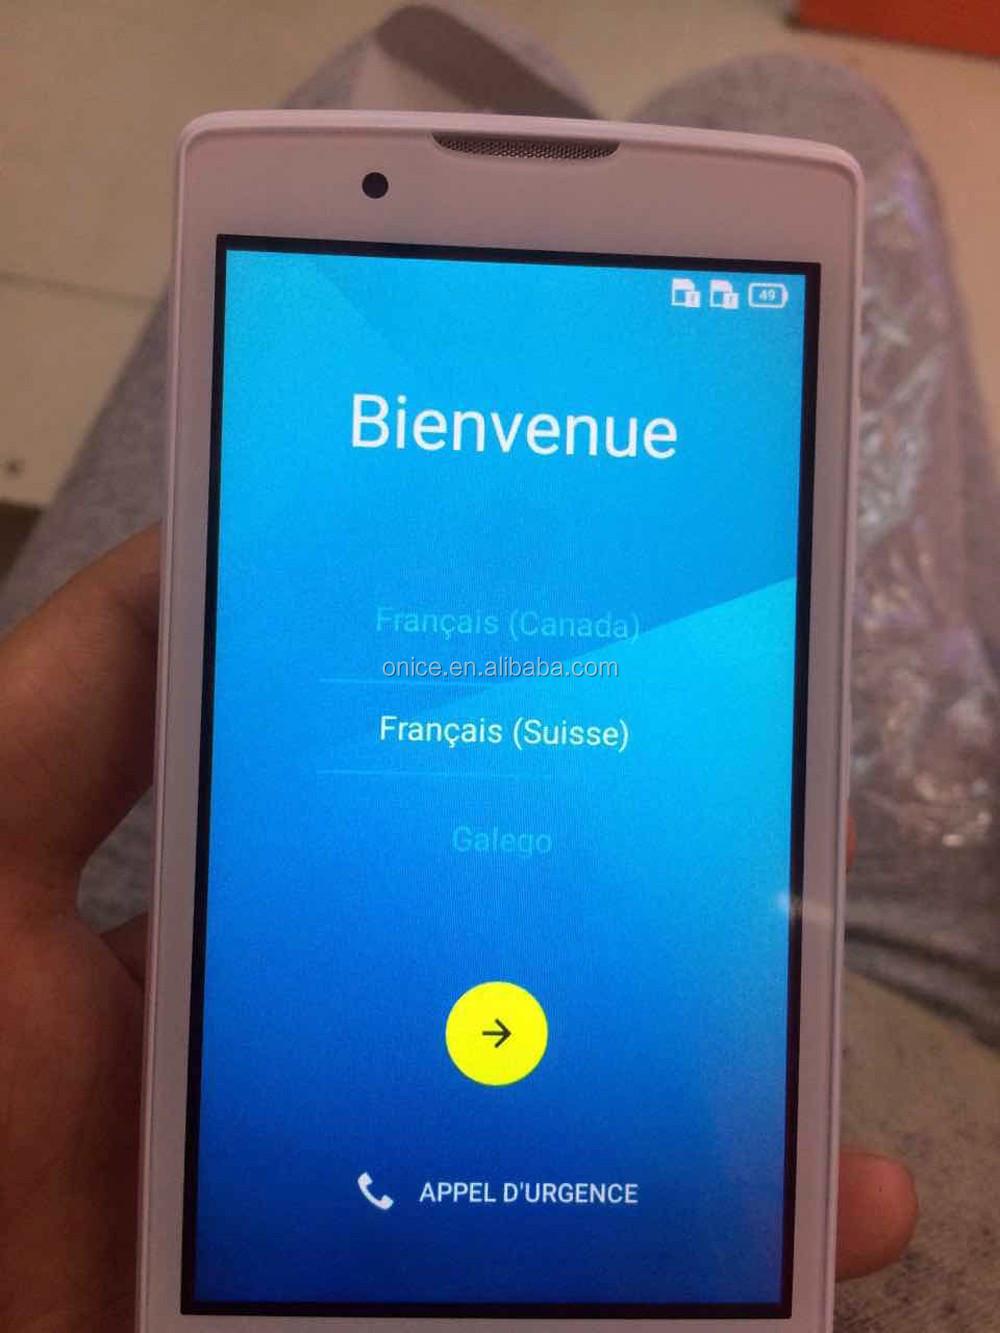 Camera Cdma Gsm Android Phone original lenovo a2580 mobile phone 4g 3g cdma gsm dual sim android quad core